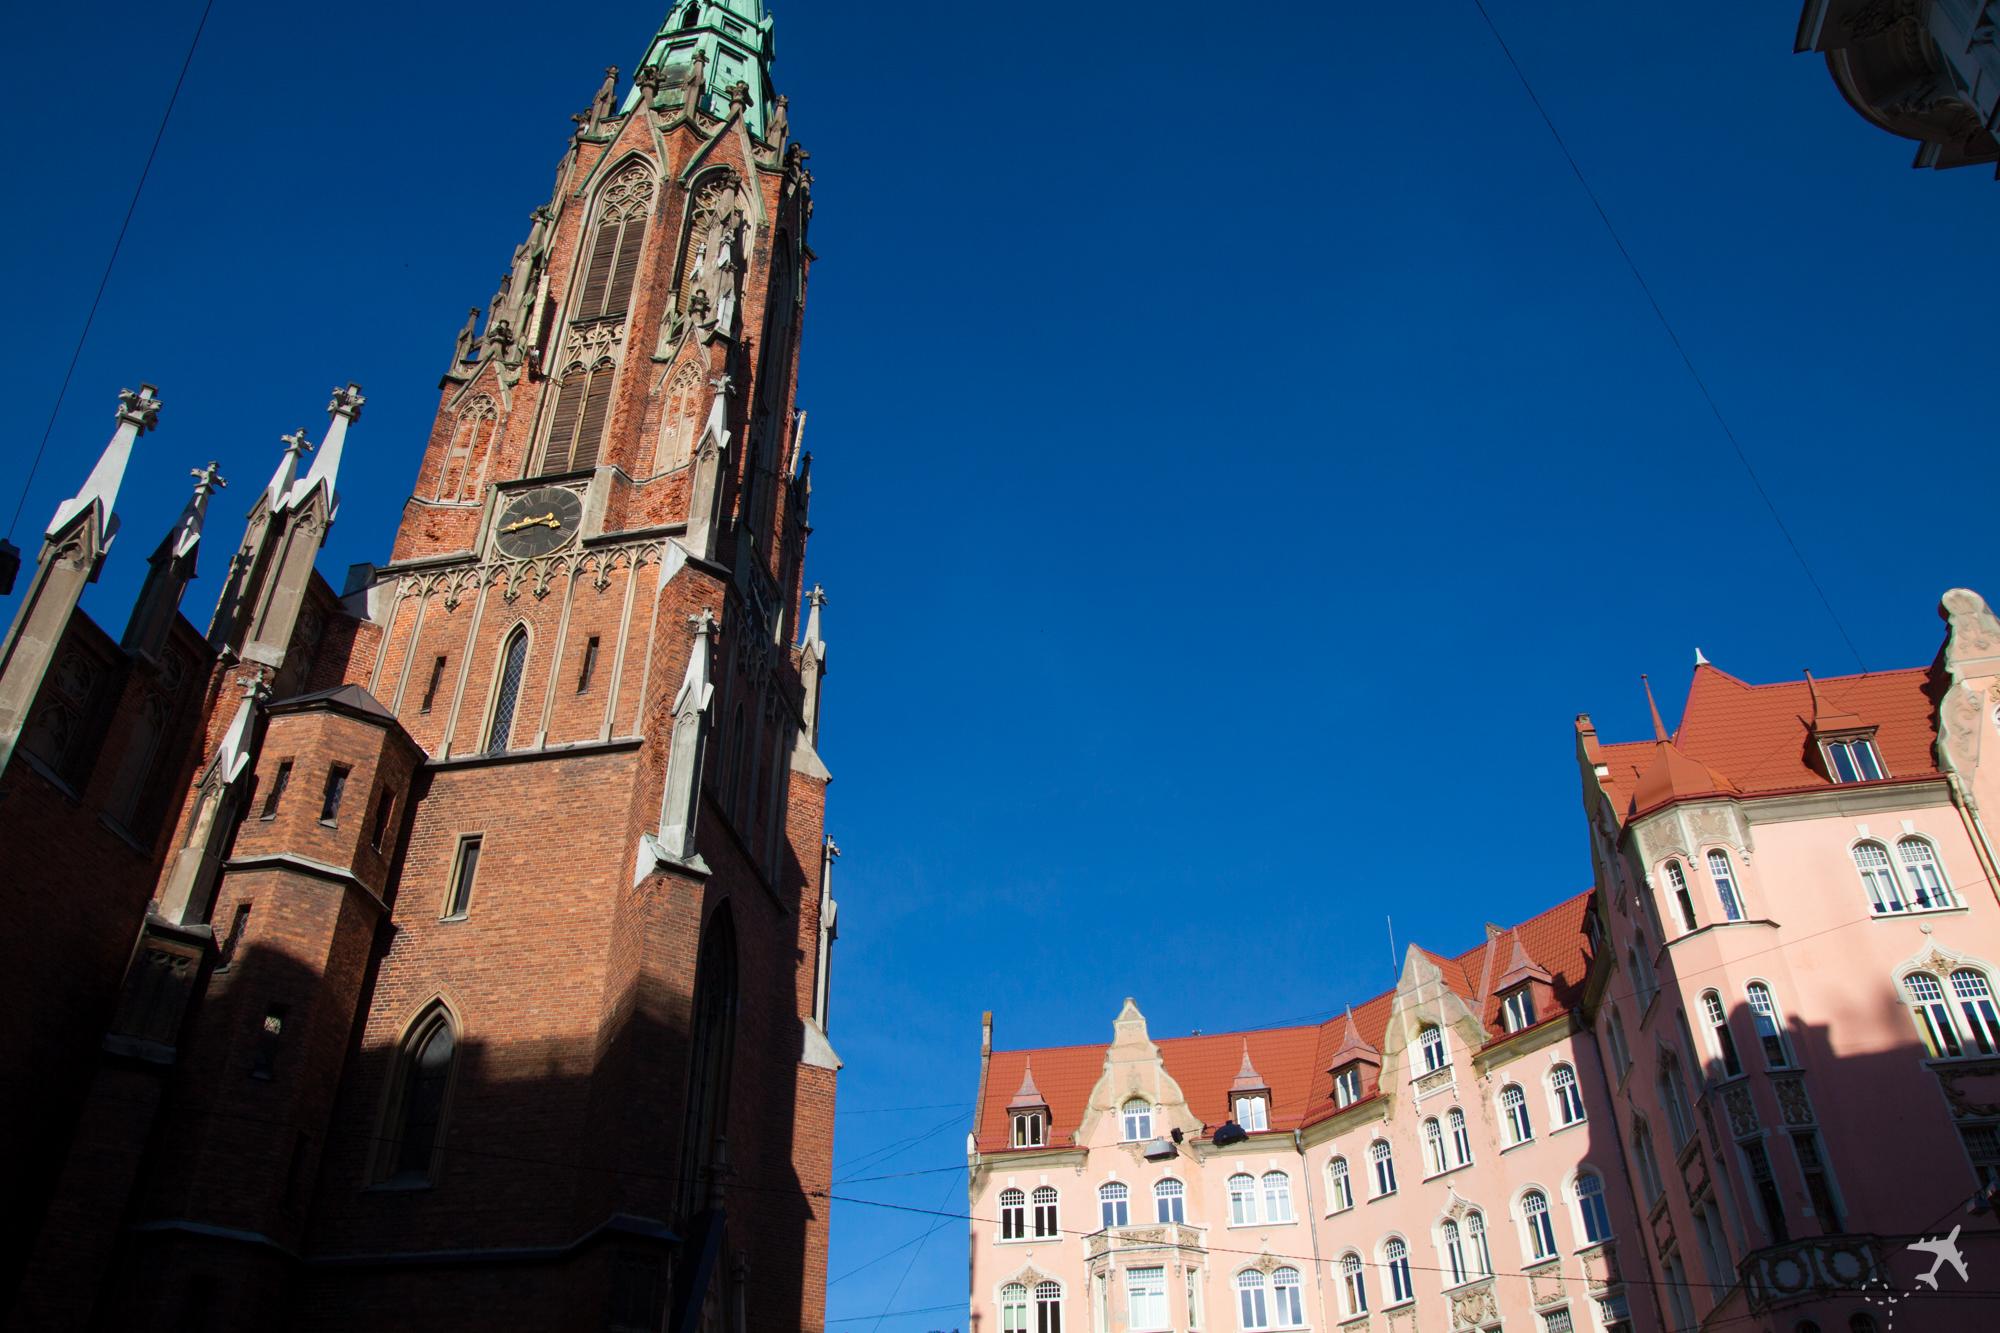 Evangelische Kirche, Riga, Lettland